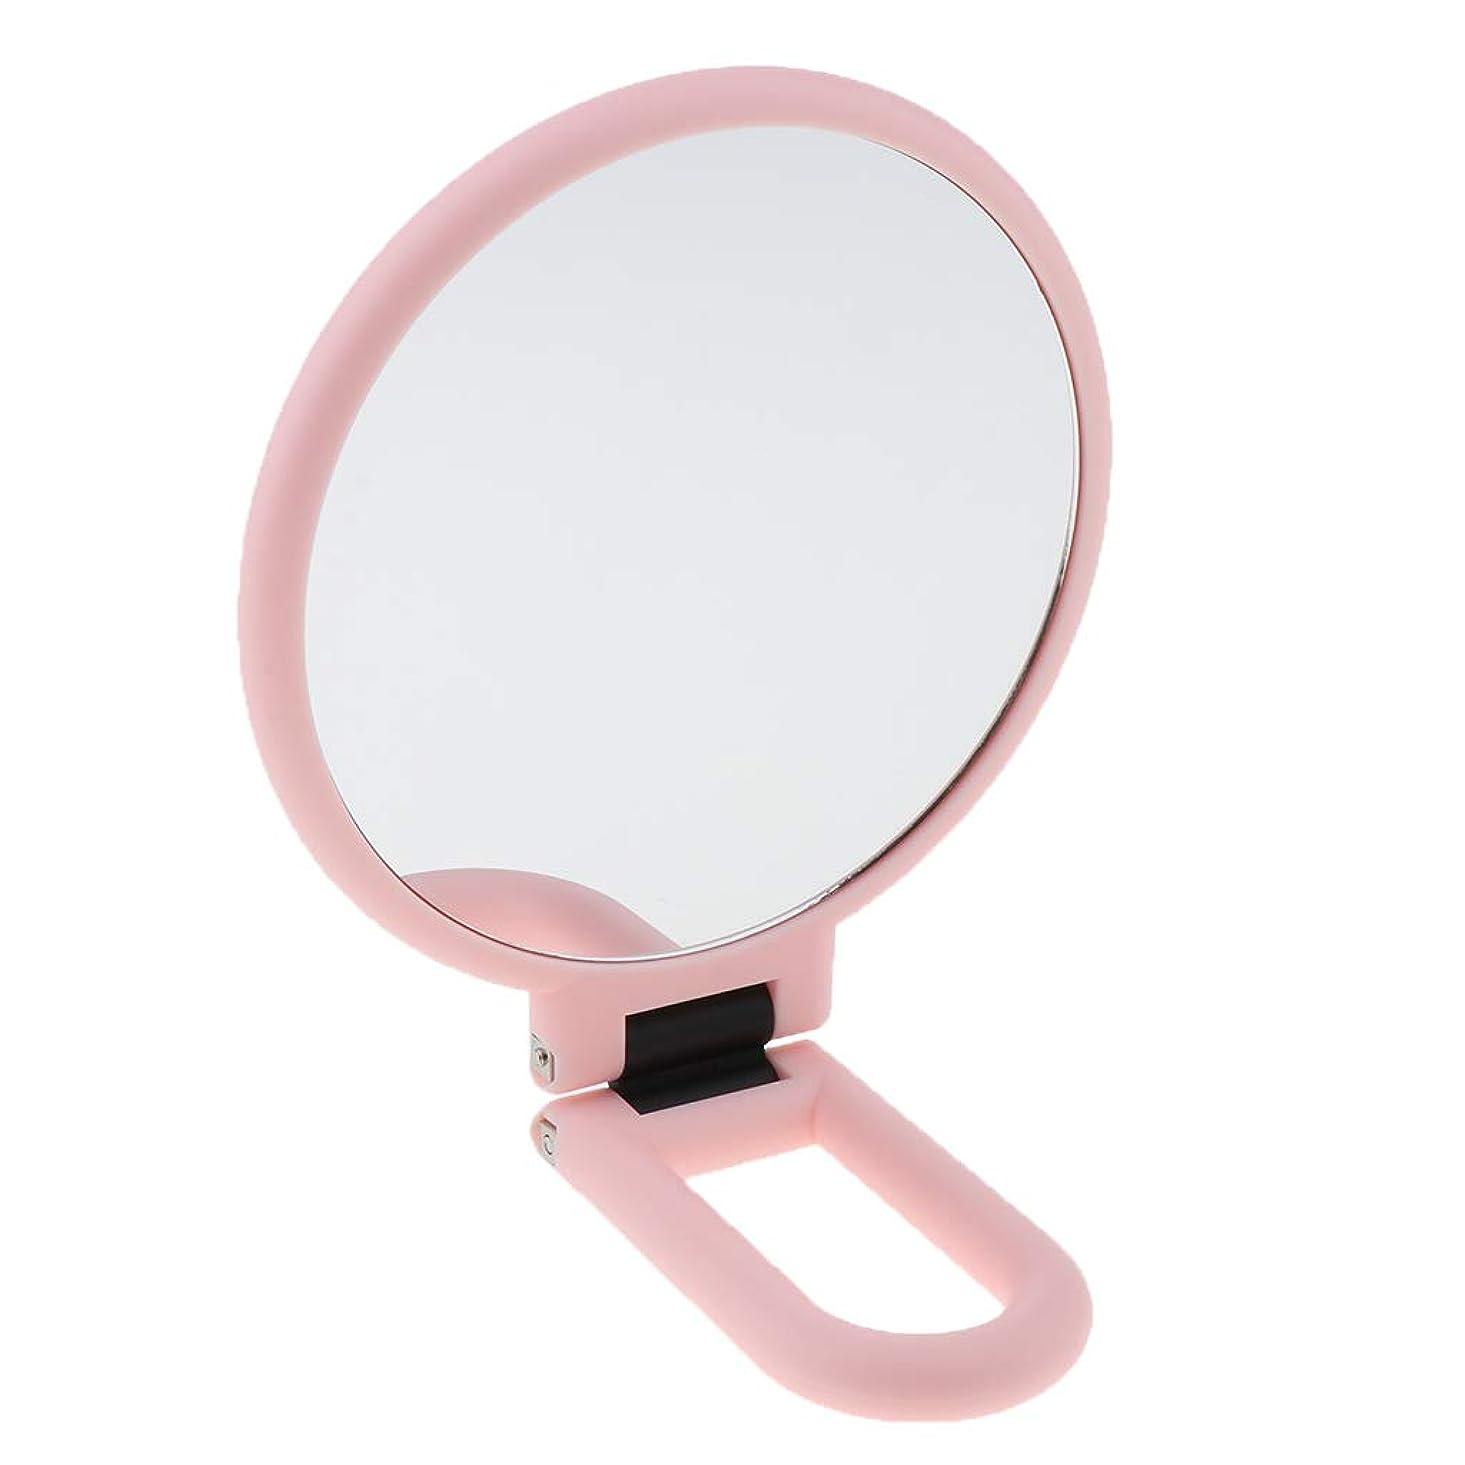 圧力必要発生CUTICATE 化粧鏡 ミラー 化粧ミラー 折りたたみ式 両面 拡大鏡 全3選択 - 2倍拡大